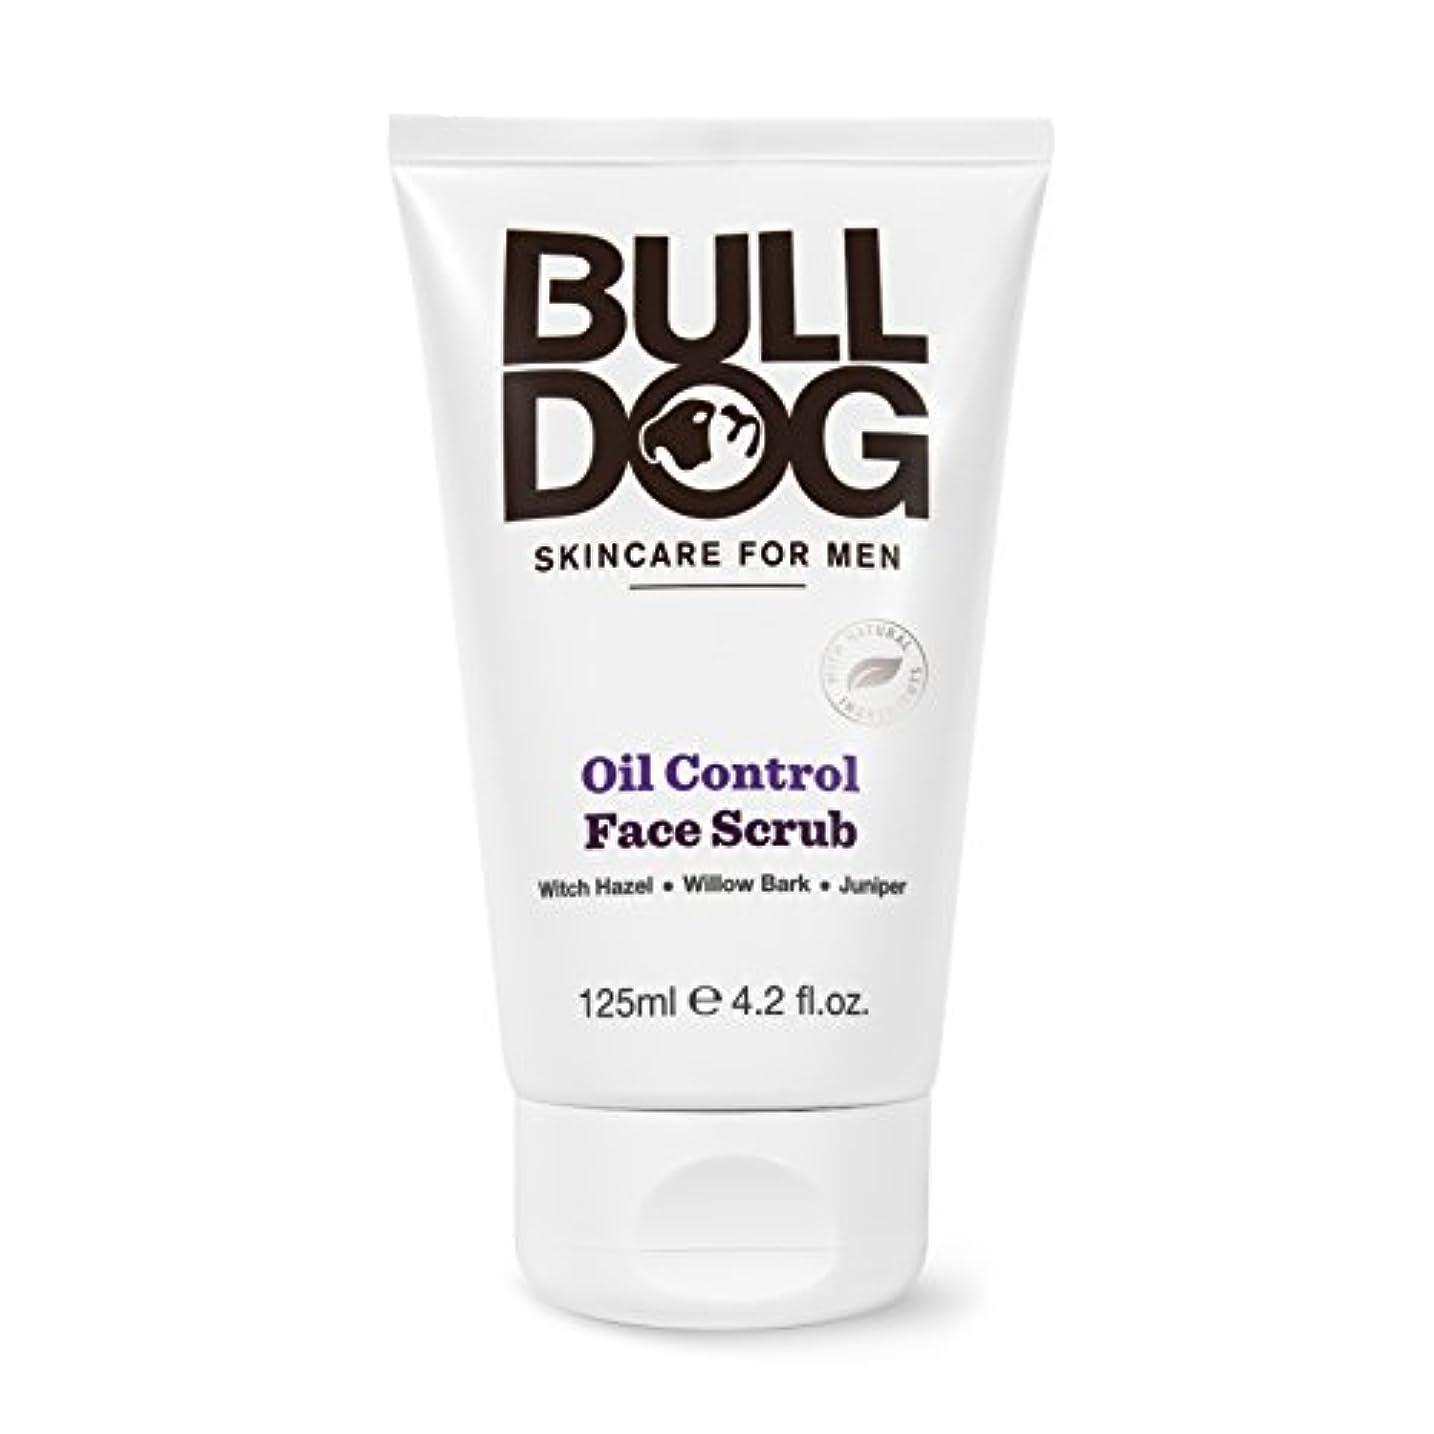 二週間本物売り手ブルドッグ Bulldog オイルコントロールフェイススクラブ(洗顔料) 125m